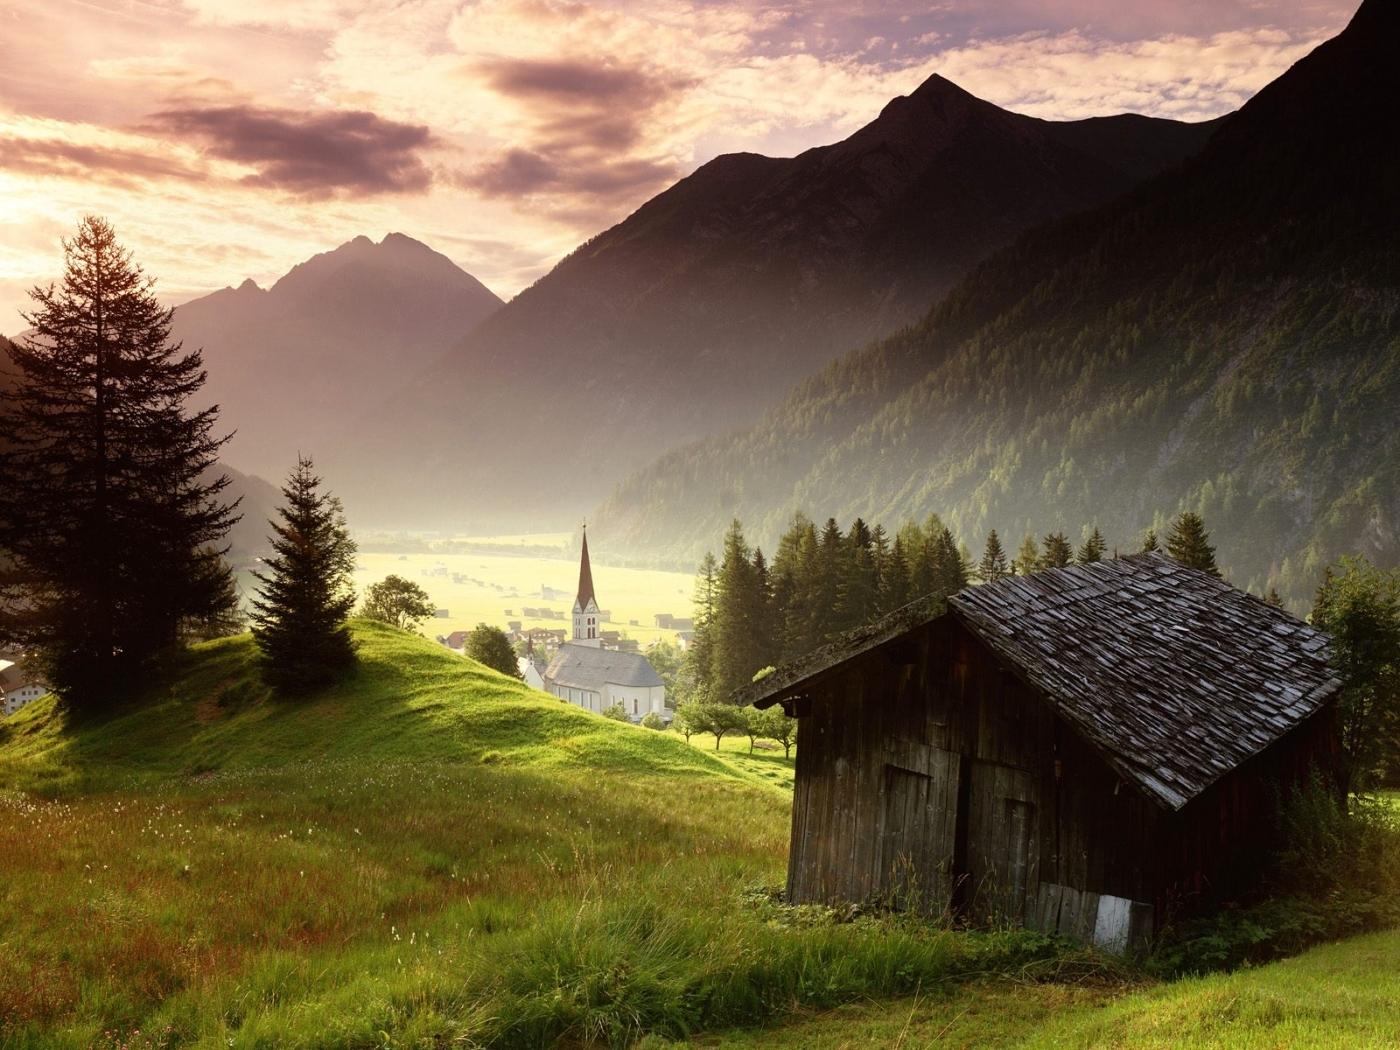 48111 télécharger le fond d'écran Paysage, Nature, Maisons, Montagnes - économiseurs d'écran et images gratuitement